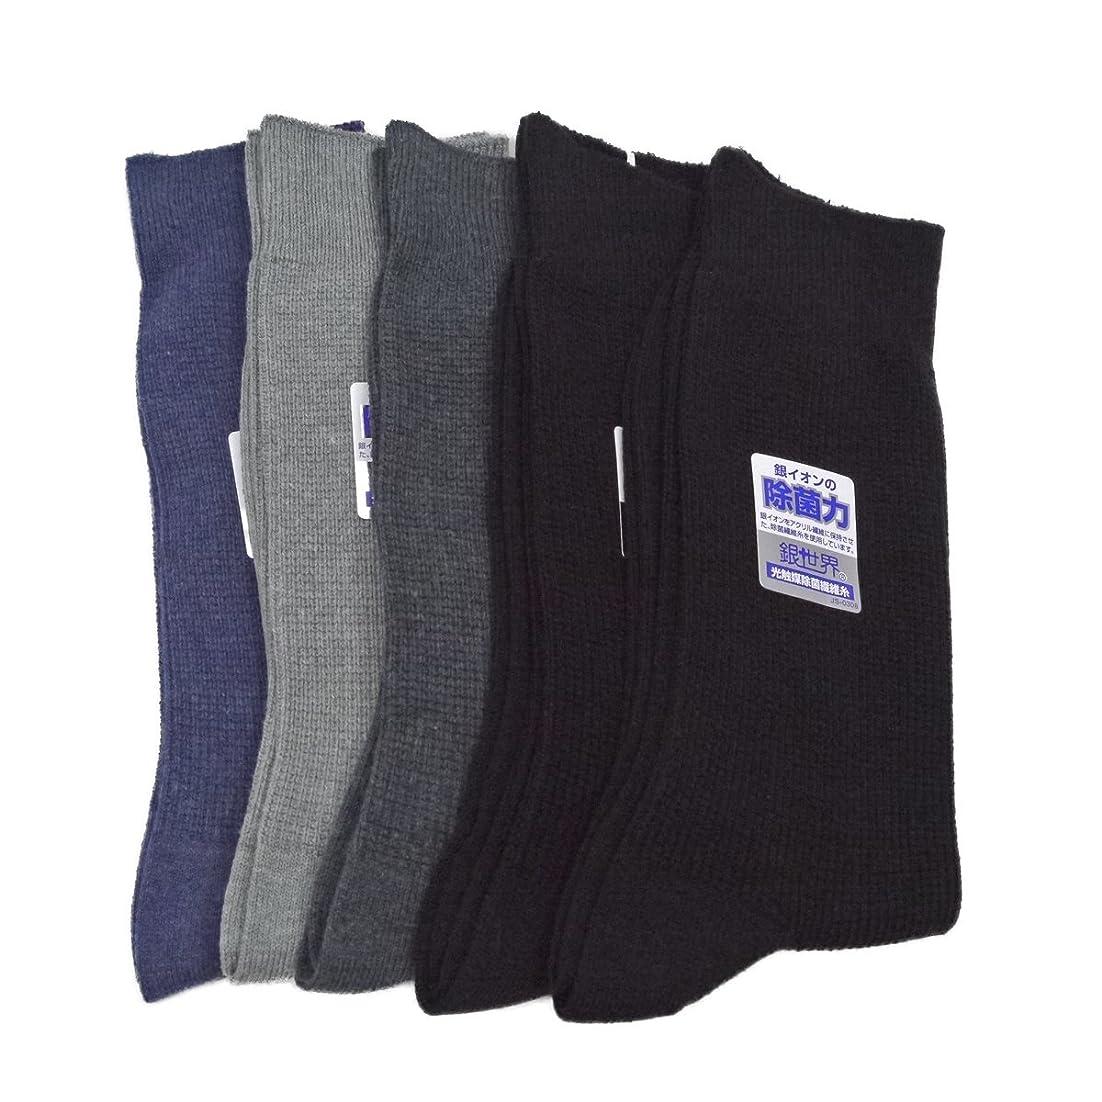 小学生行進ナチュラル東洋紡 銀世界使用 日本製 銀イオンで除菌の靴下 リッチェル柄 アソート セット